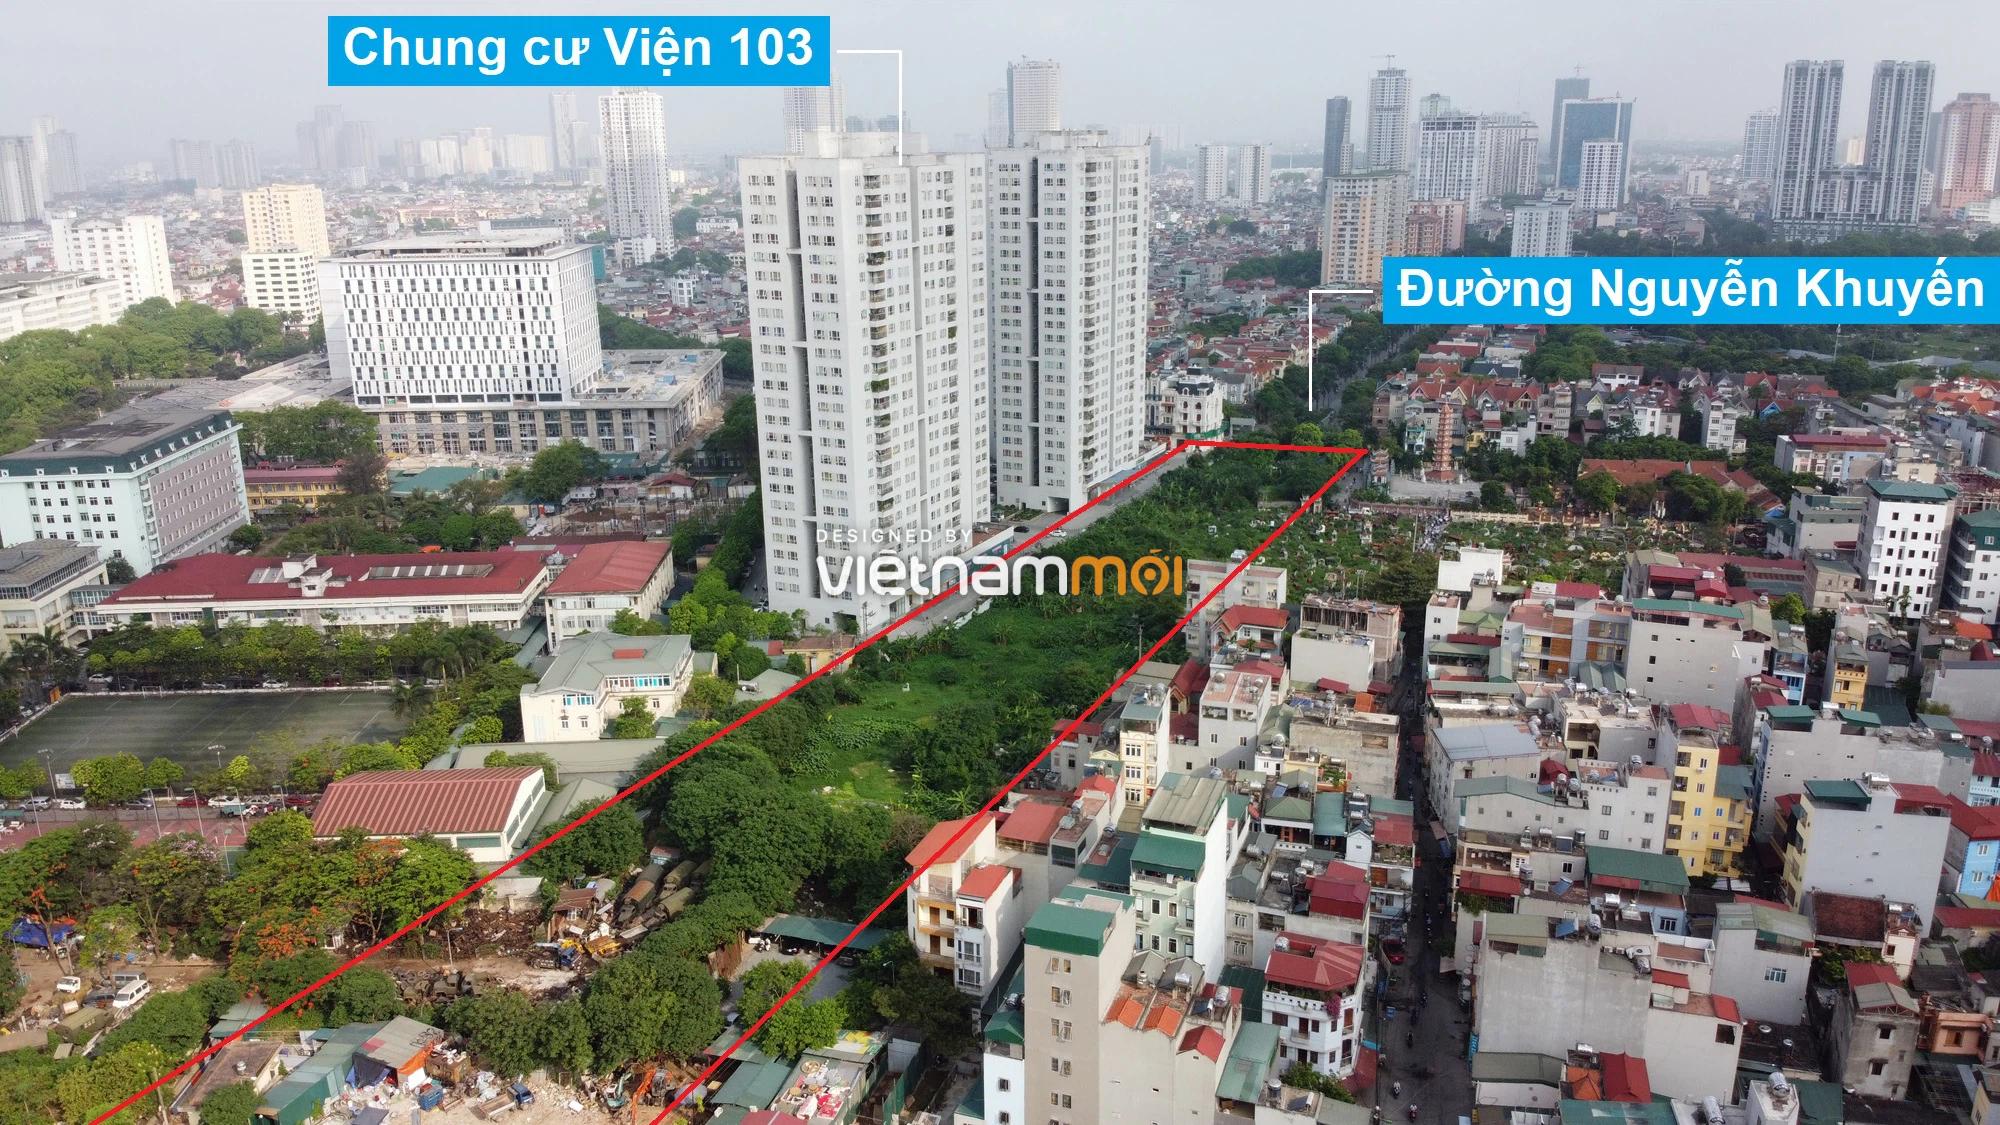 Những khu đất sắp thu hồi để mở đường ở xã Tân Triều, Thanh Trì, Hà Nội (phần 2) - Ảnh 4.